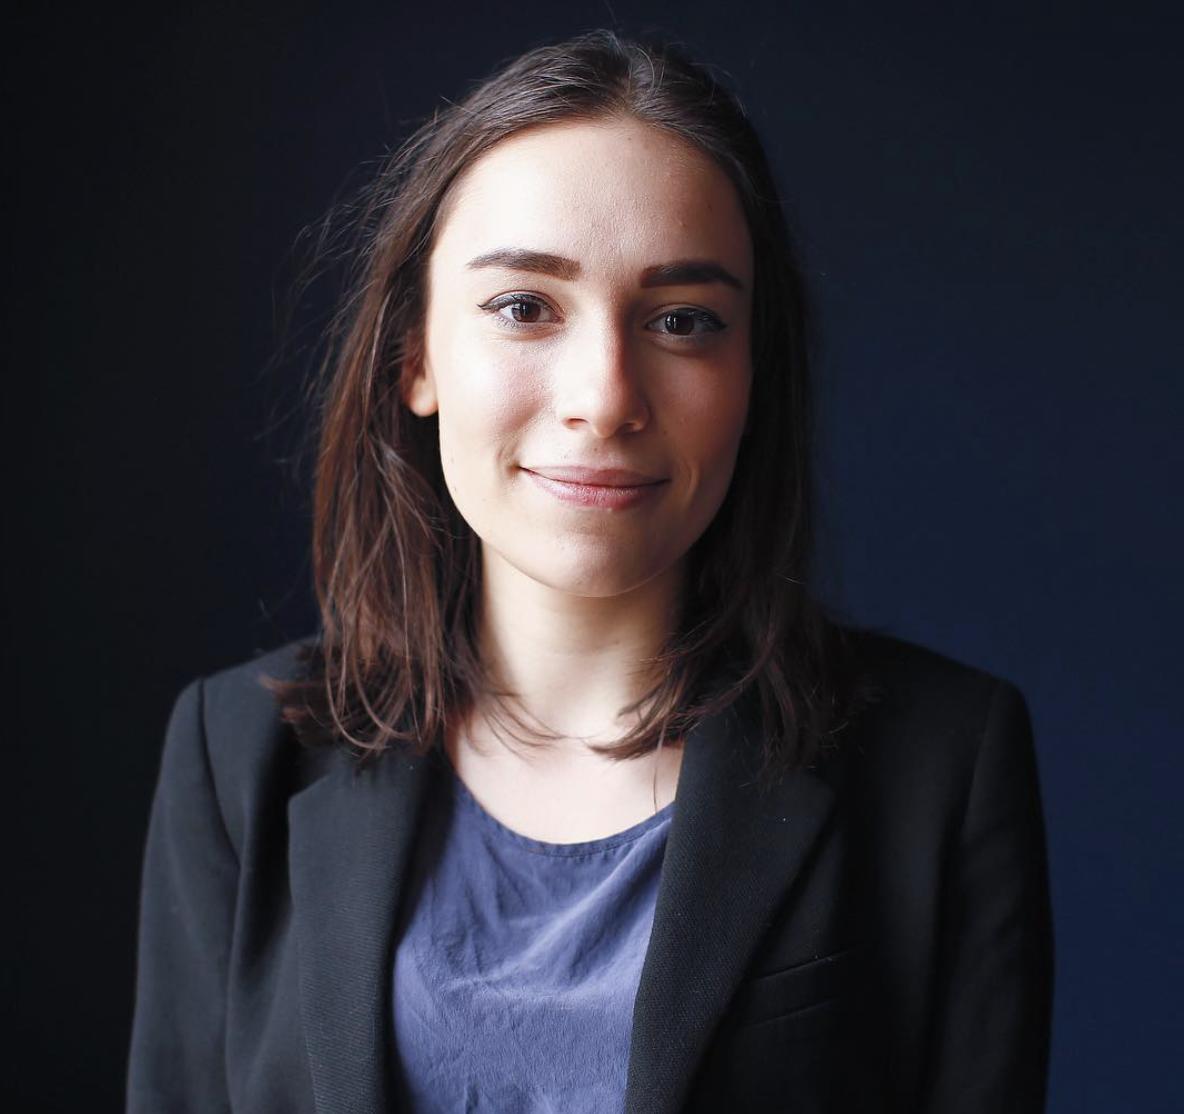 Sasha CohenIoannides